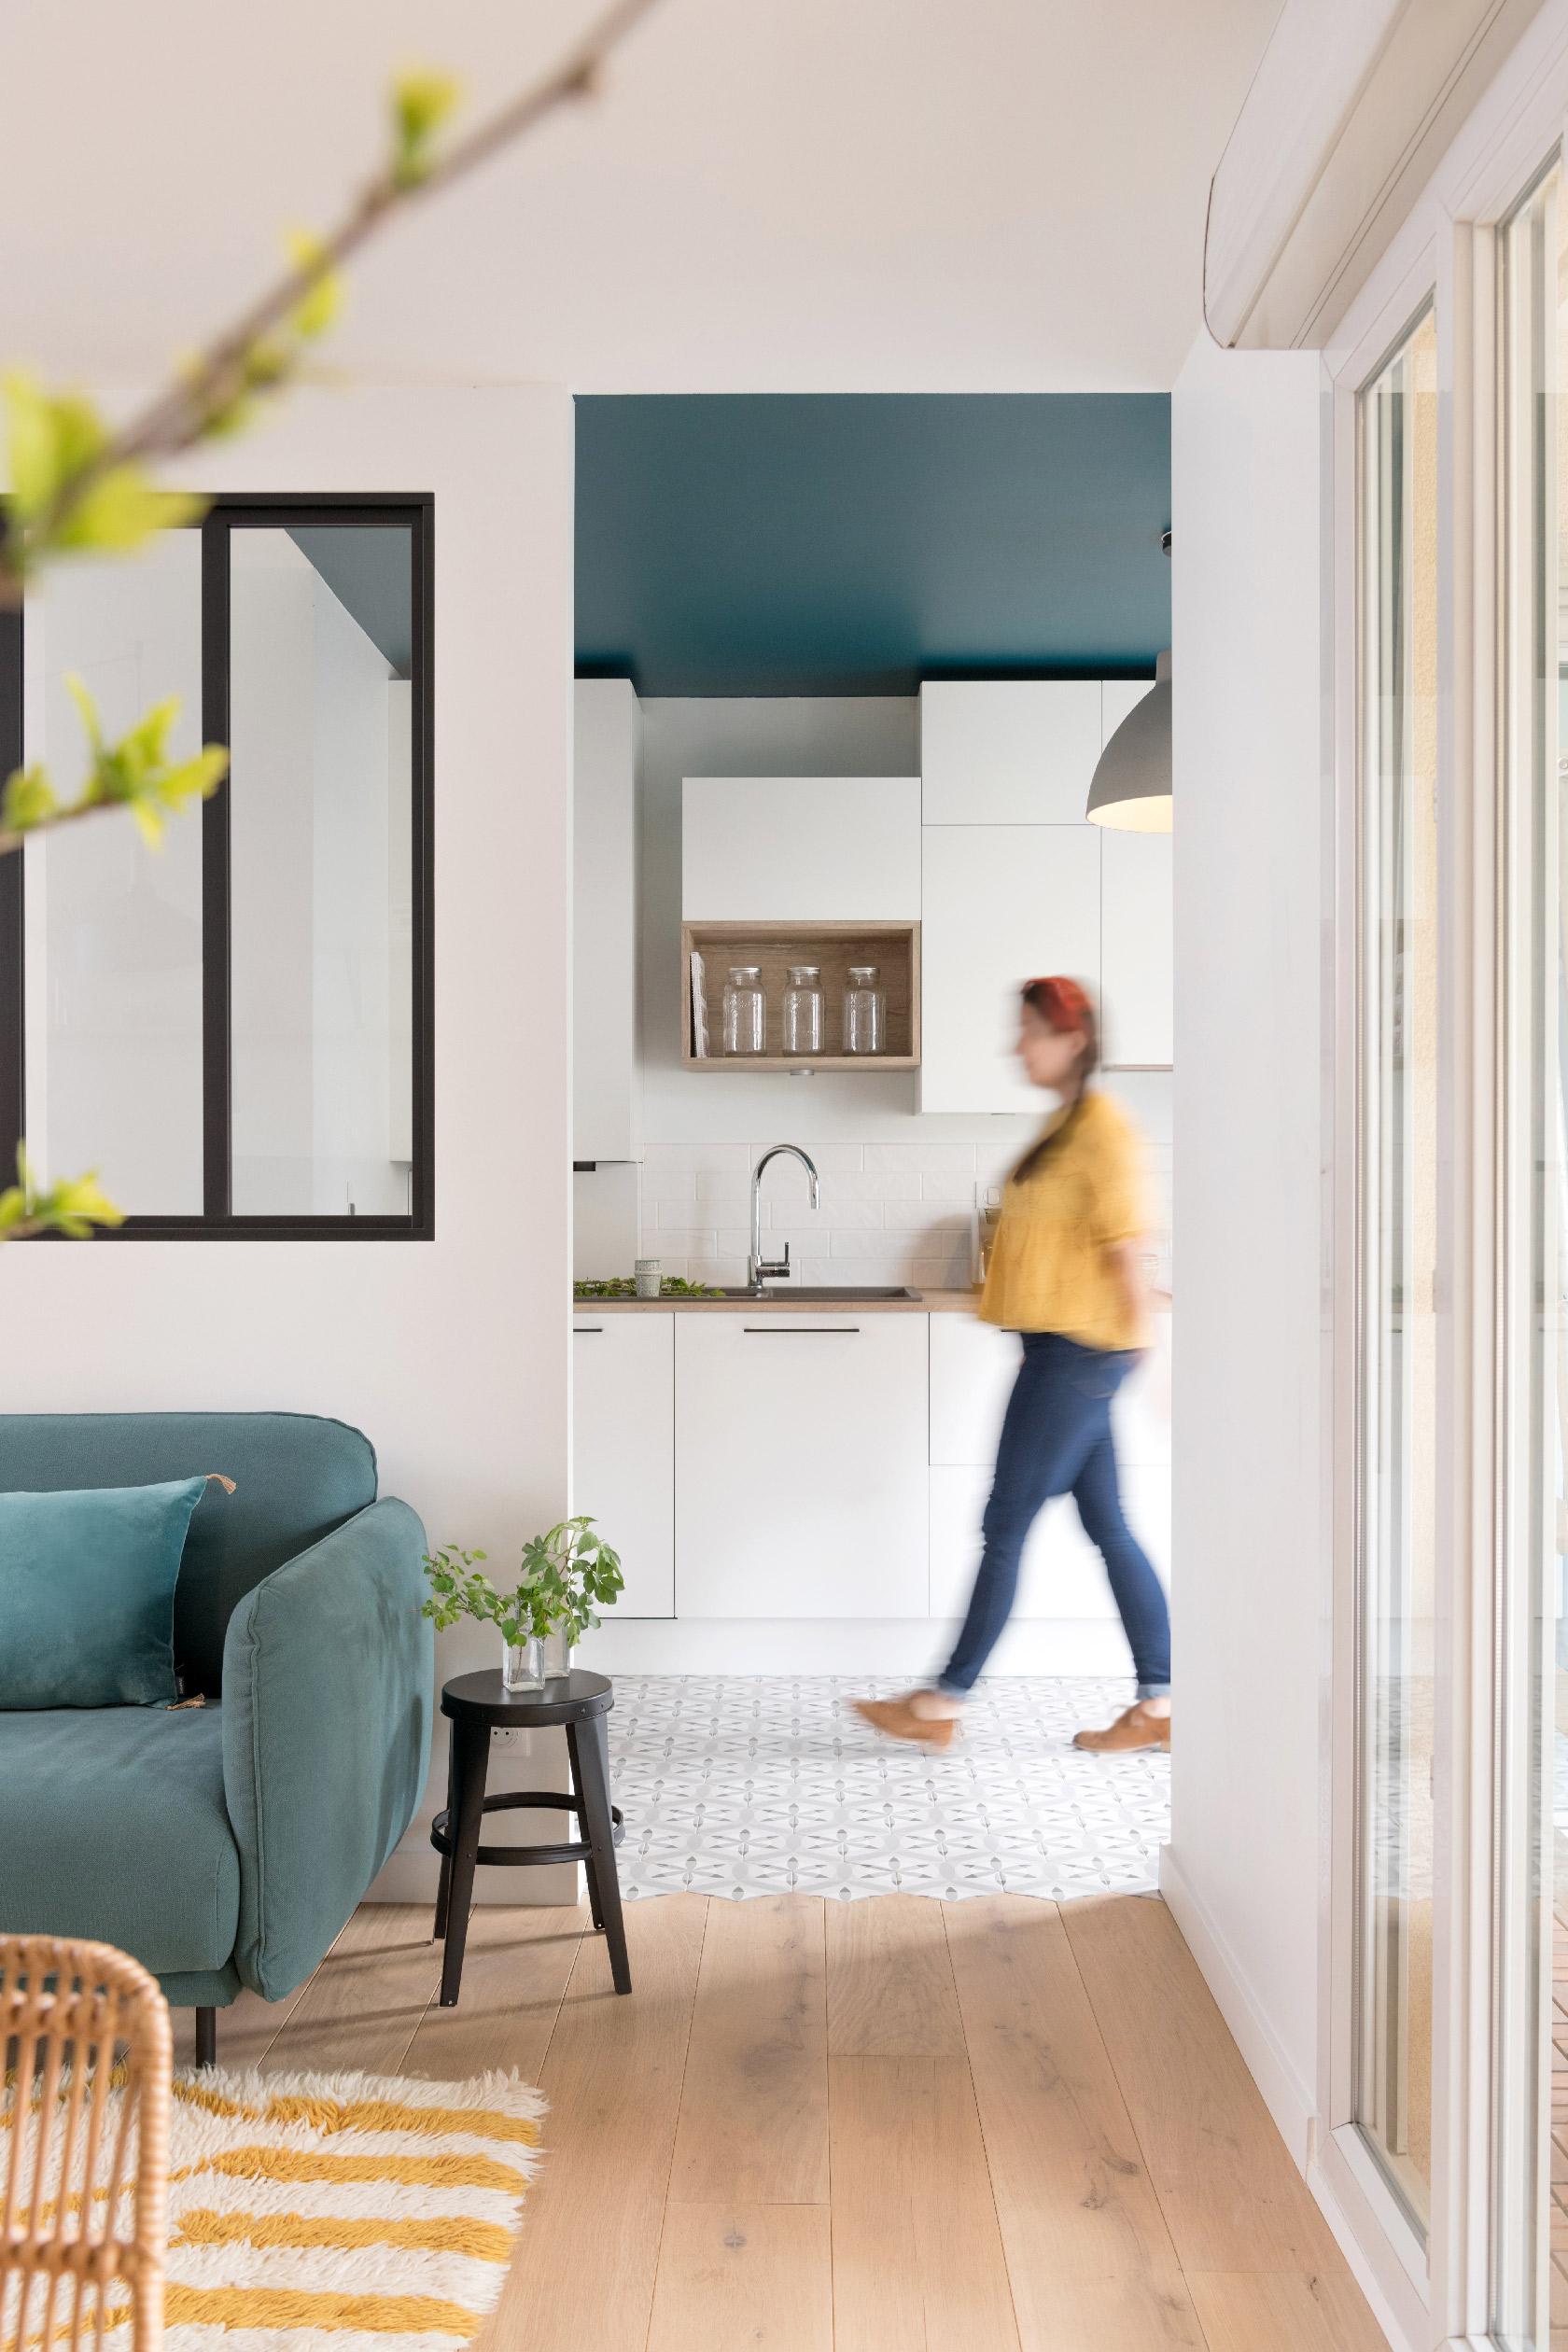 Derrière la verrière et le canapé du salon, la cuisine blanche avec son plafond coloré bleu. Une silhouette floutée illustre la notion de circulation.